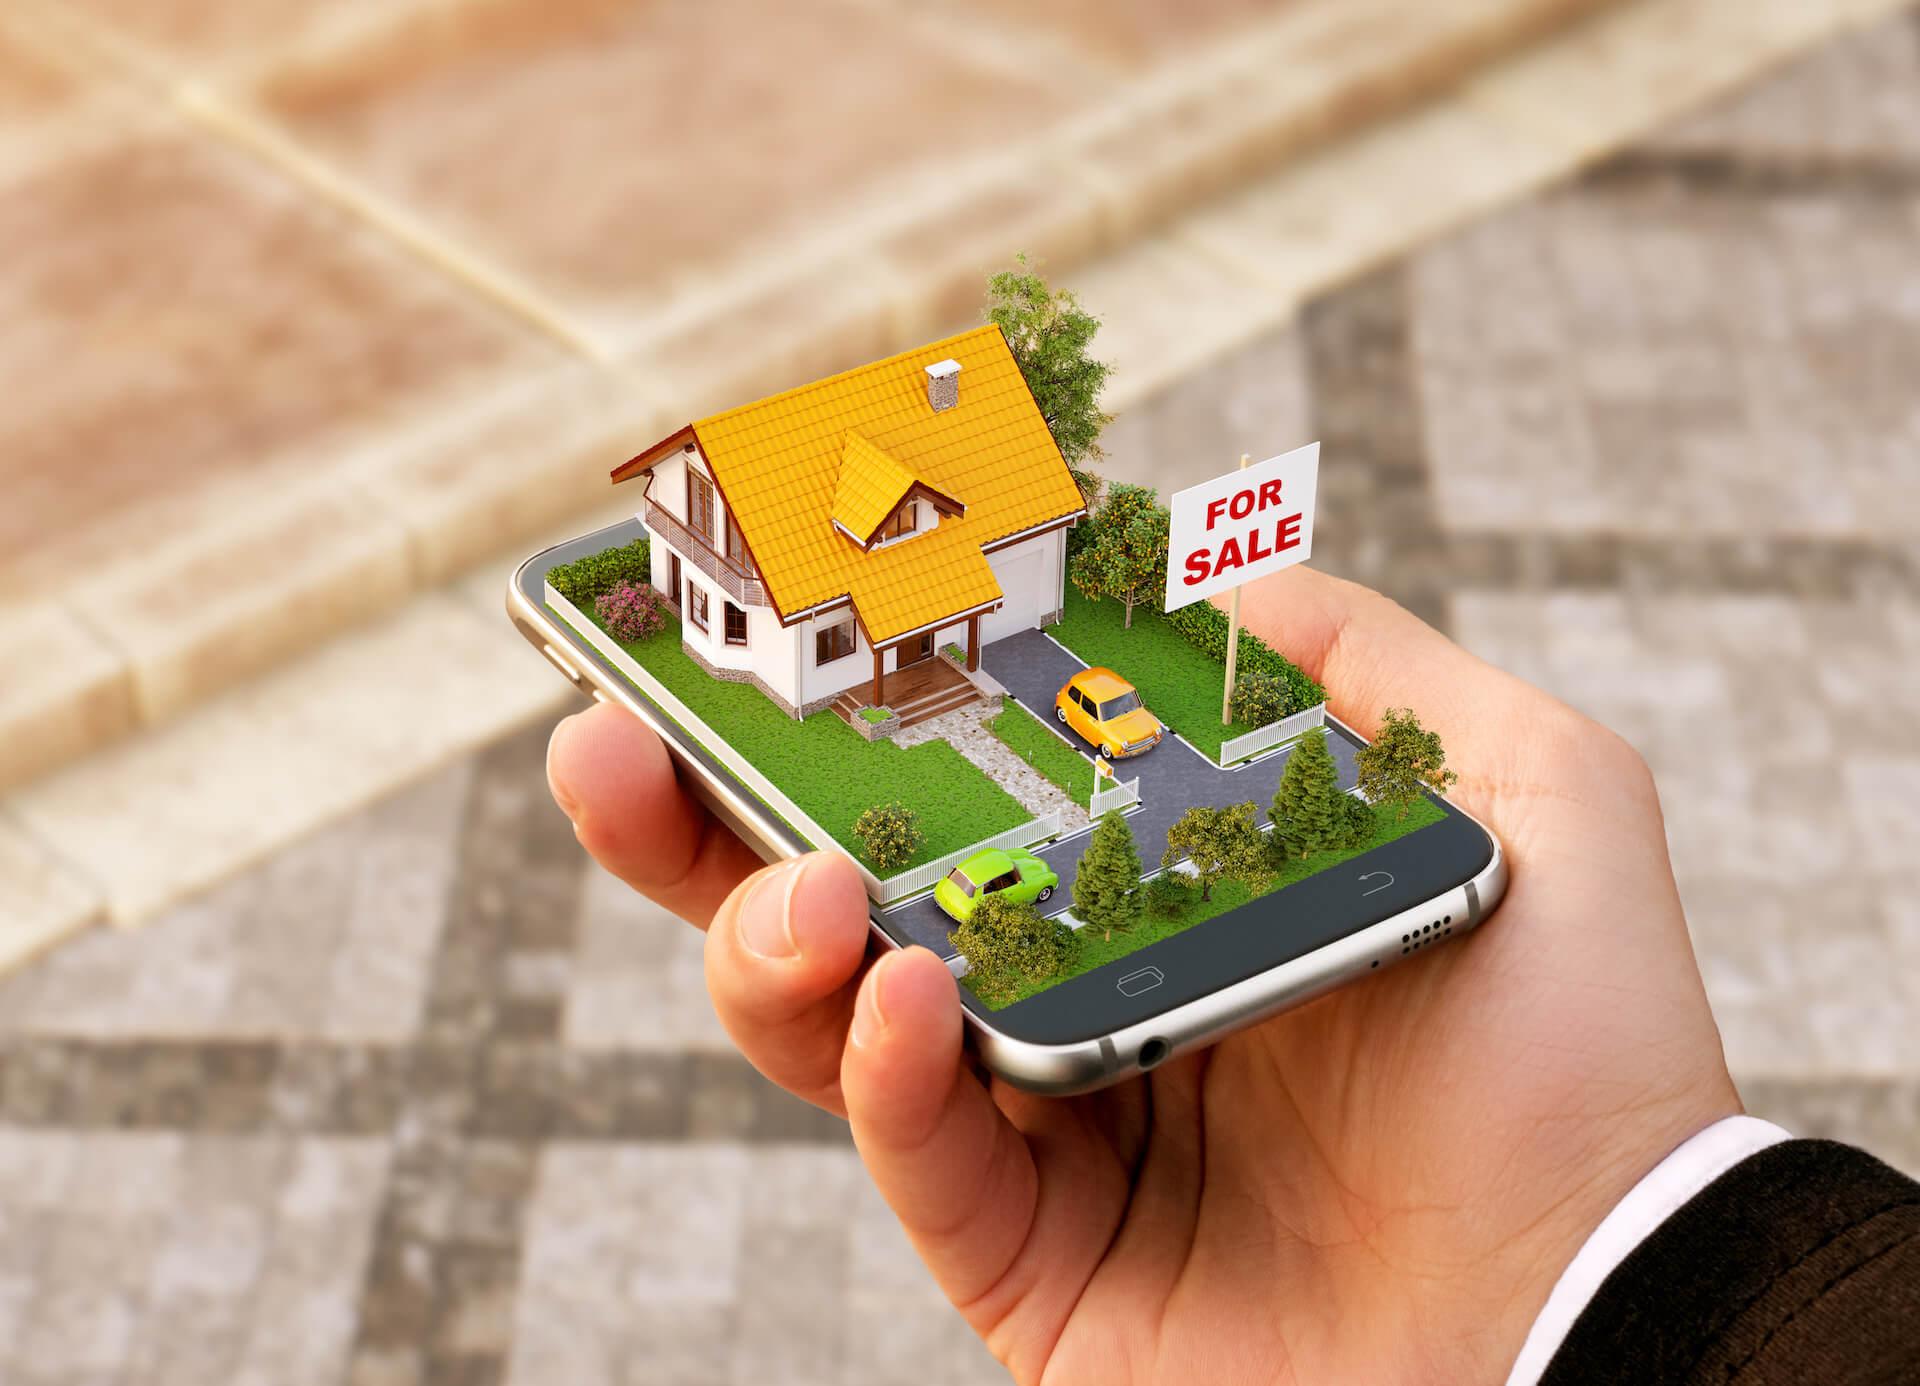 3D Real Estate Plans for Listing Platforms